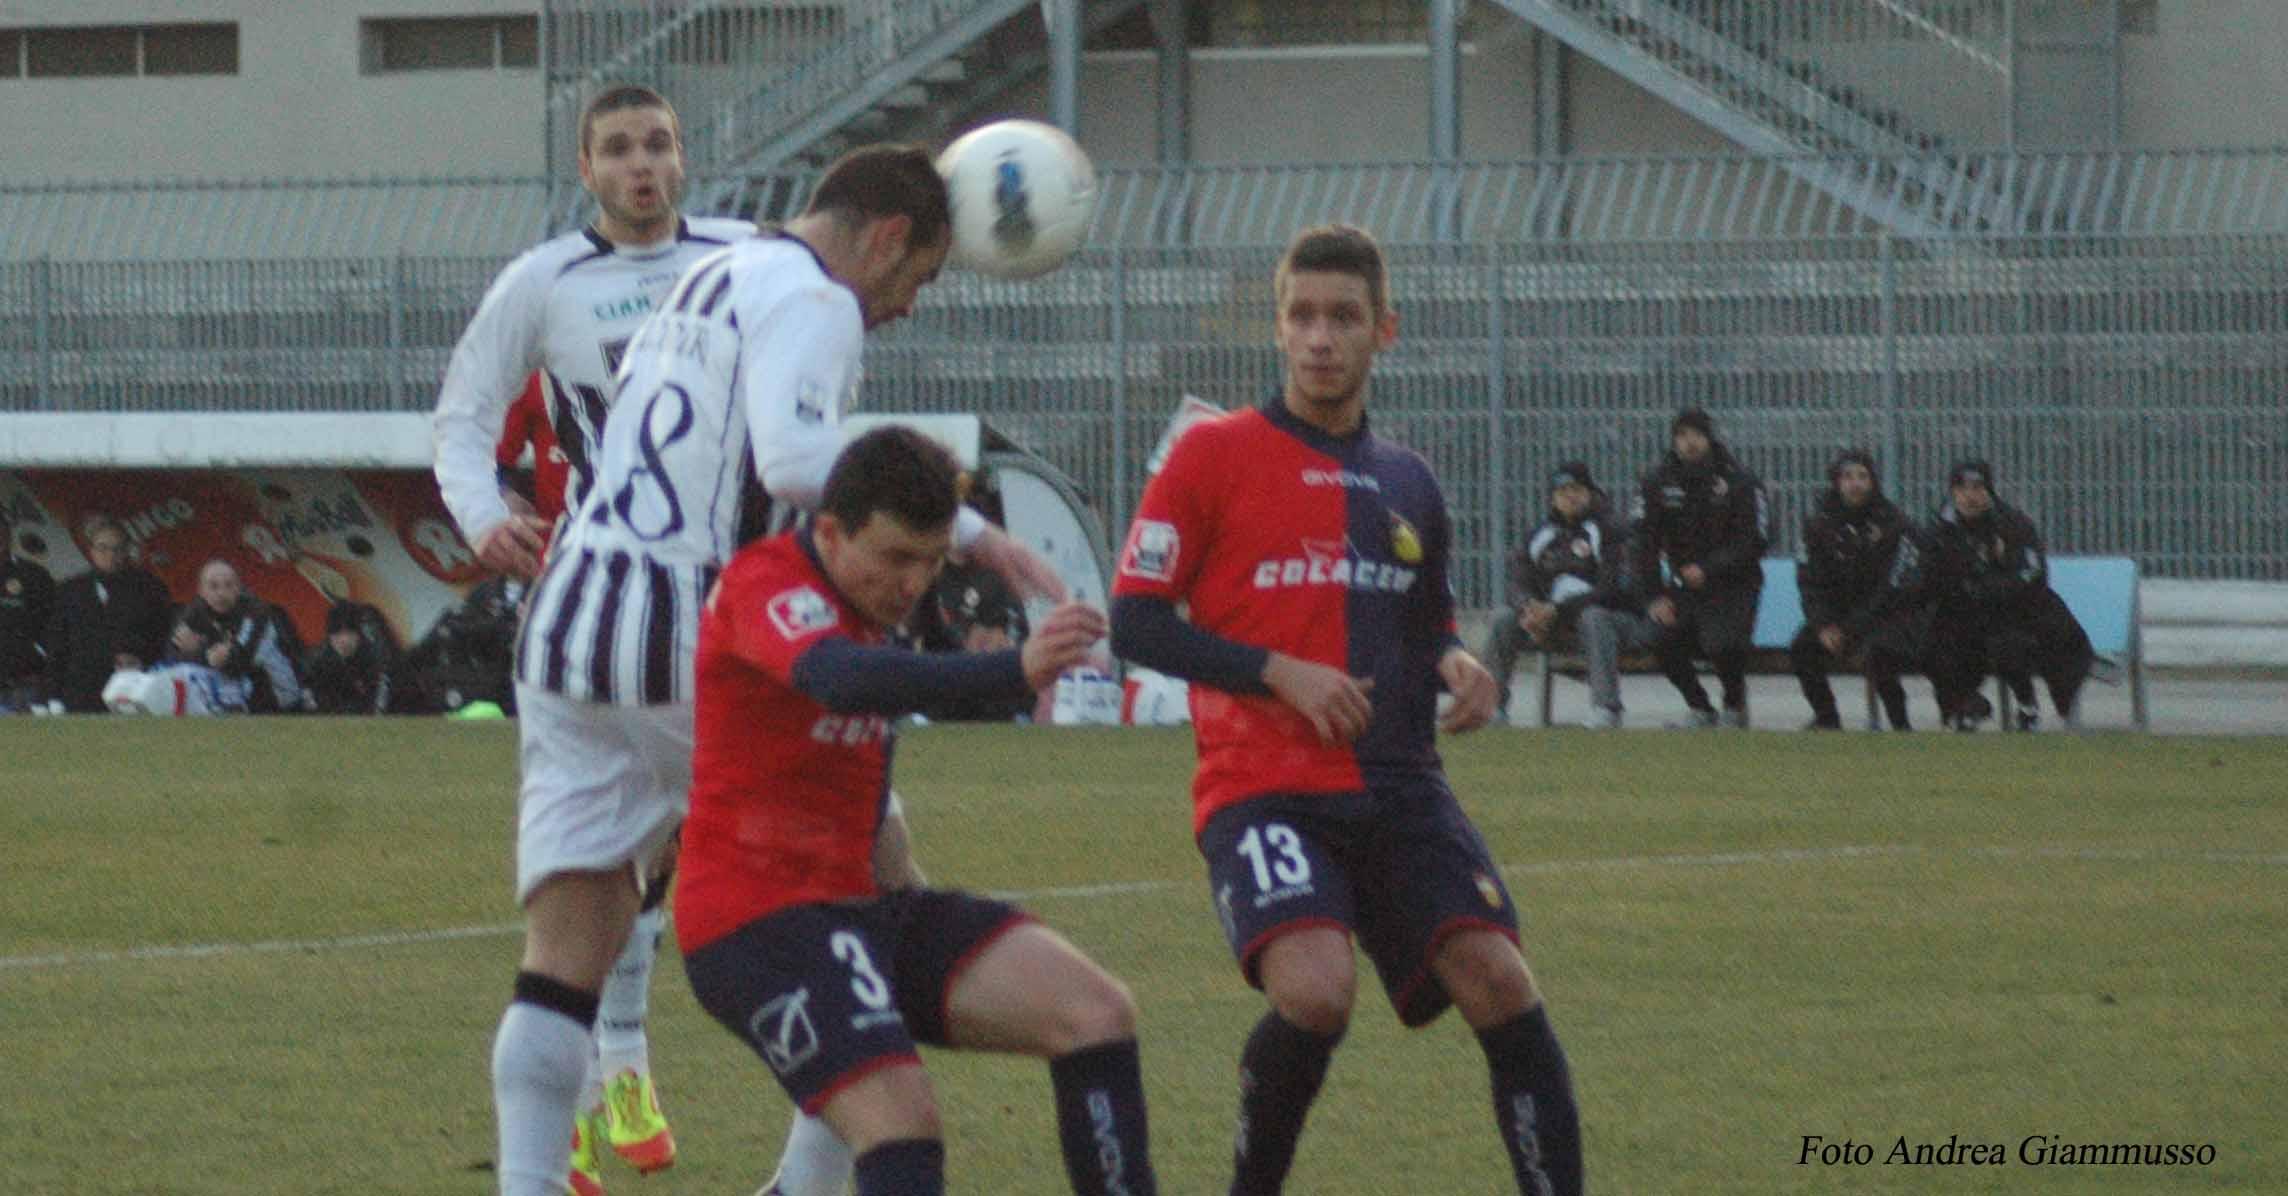 Falconieri colpisce di testa per il gol della vittoria contro il Gubbio